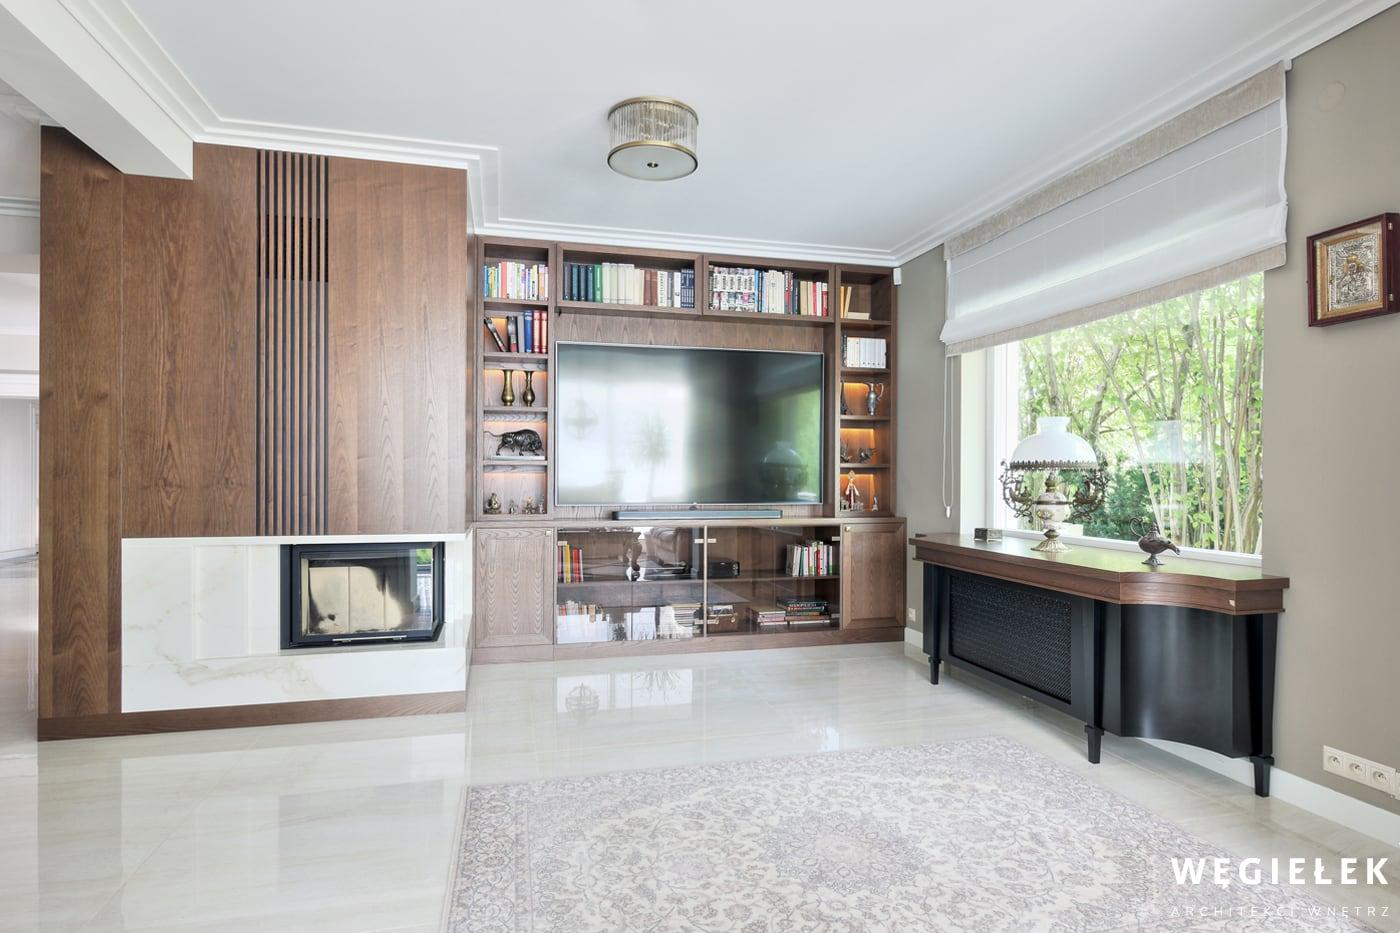 Salon w tej propozycji architekta domów to ciekawe wnętrze z jasną podłogą i ciemnymi, w kolorze drewna ścianami. Tradycyjny kominek współgra tu z telewizorem.